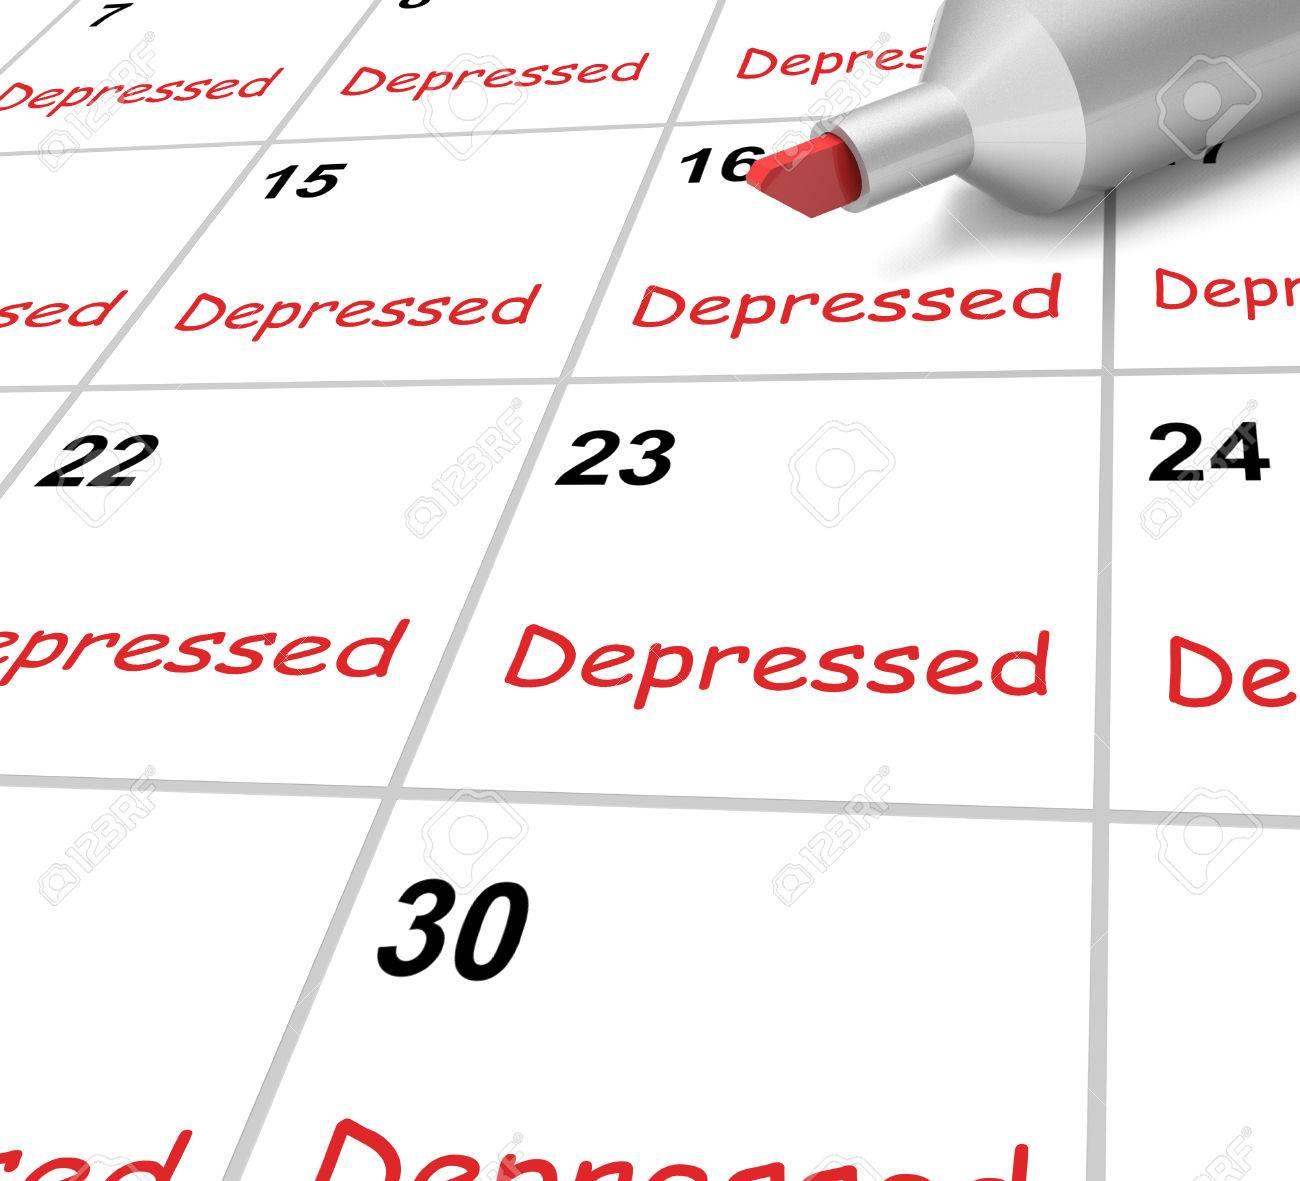 Calendario Significato.Calendario Depresso Significato Giu Malattia Scoraggiato O Mentale